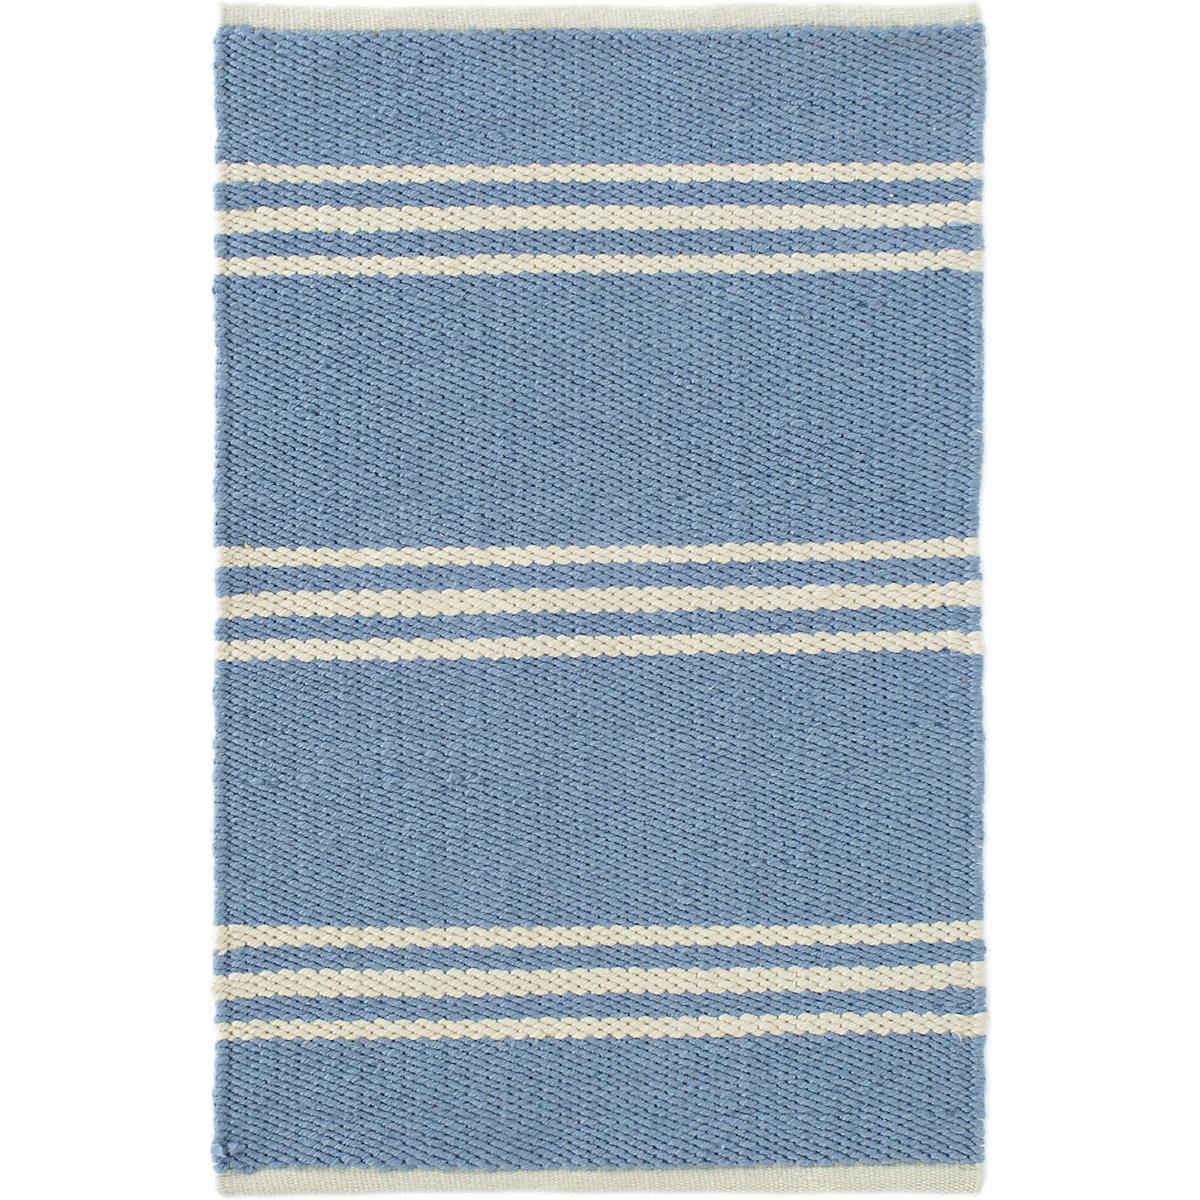 Lexington French Blue/Ivory Indoor/Outdoor Rug | Dash & Albert